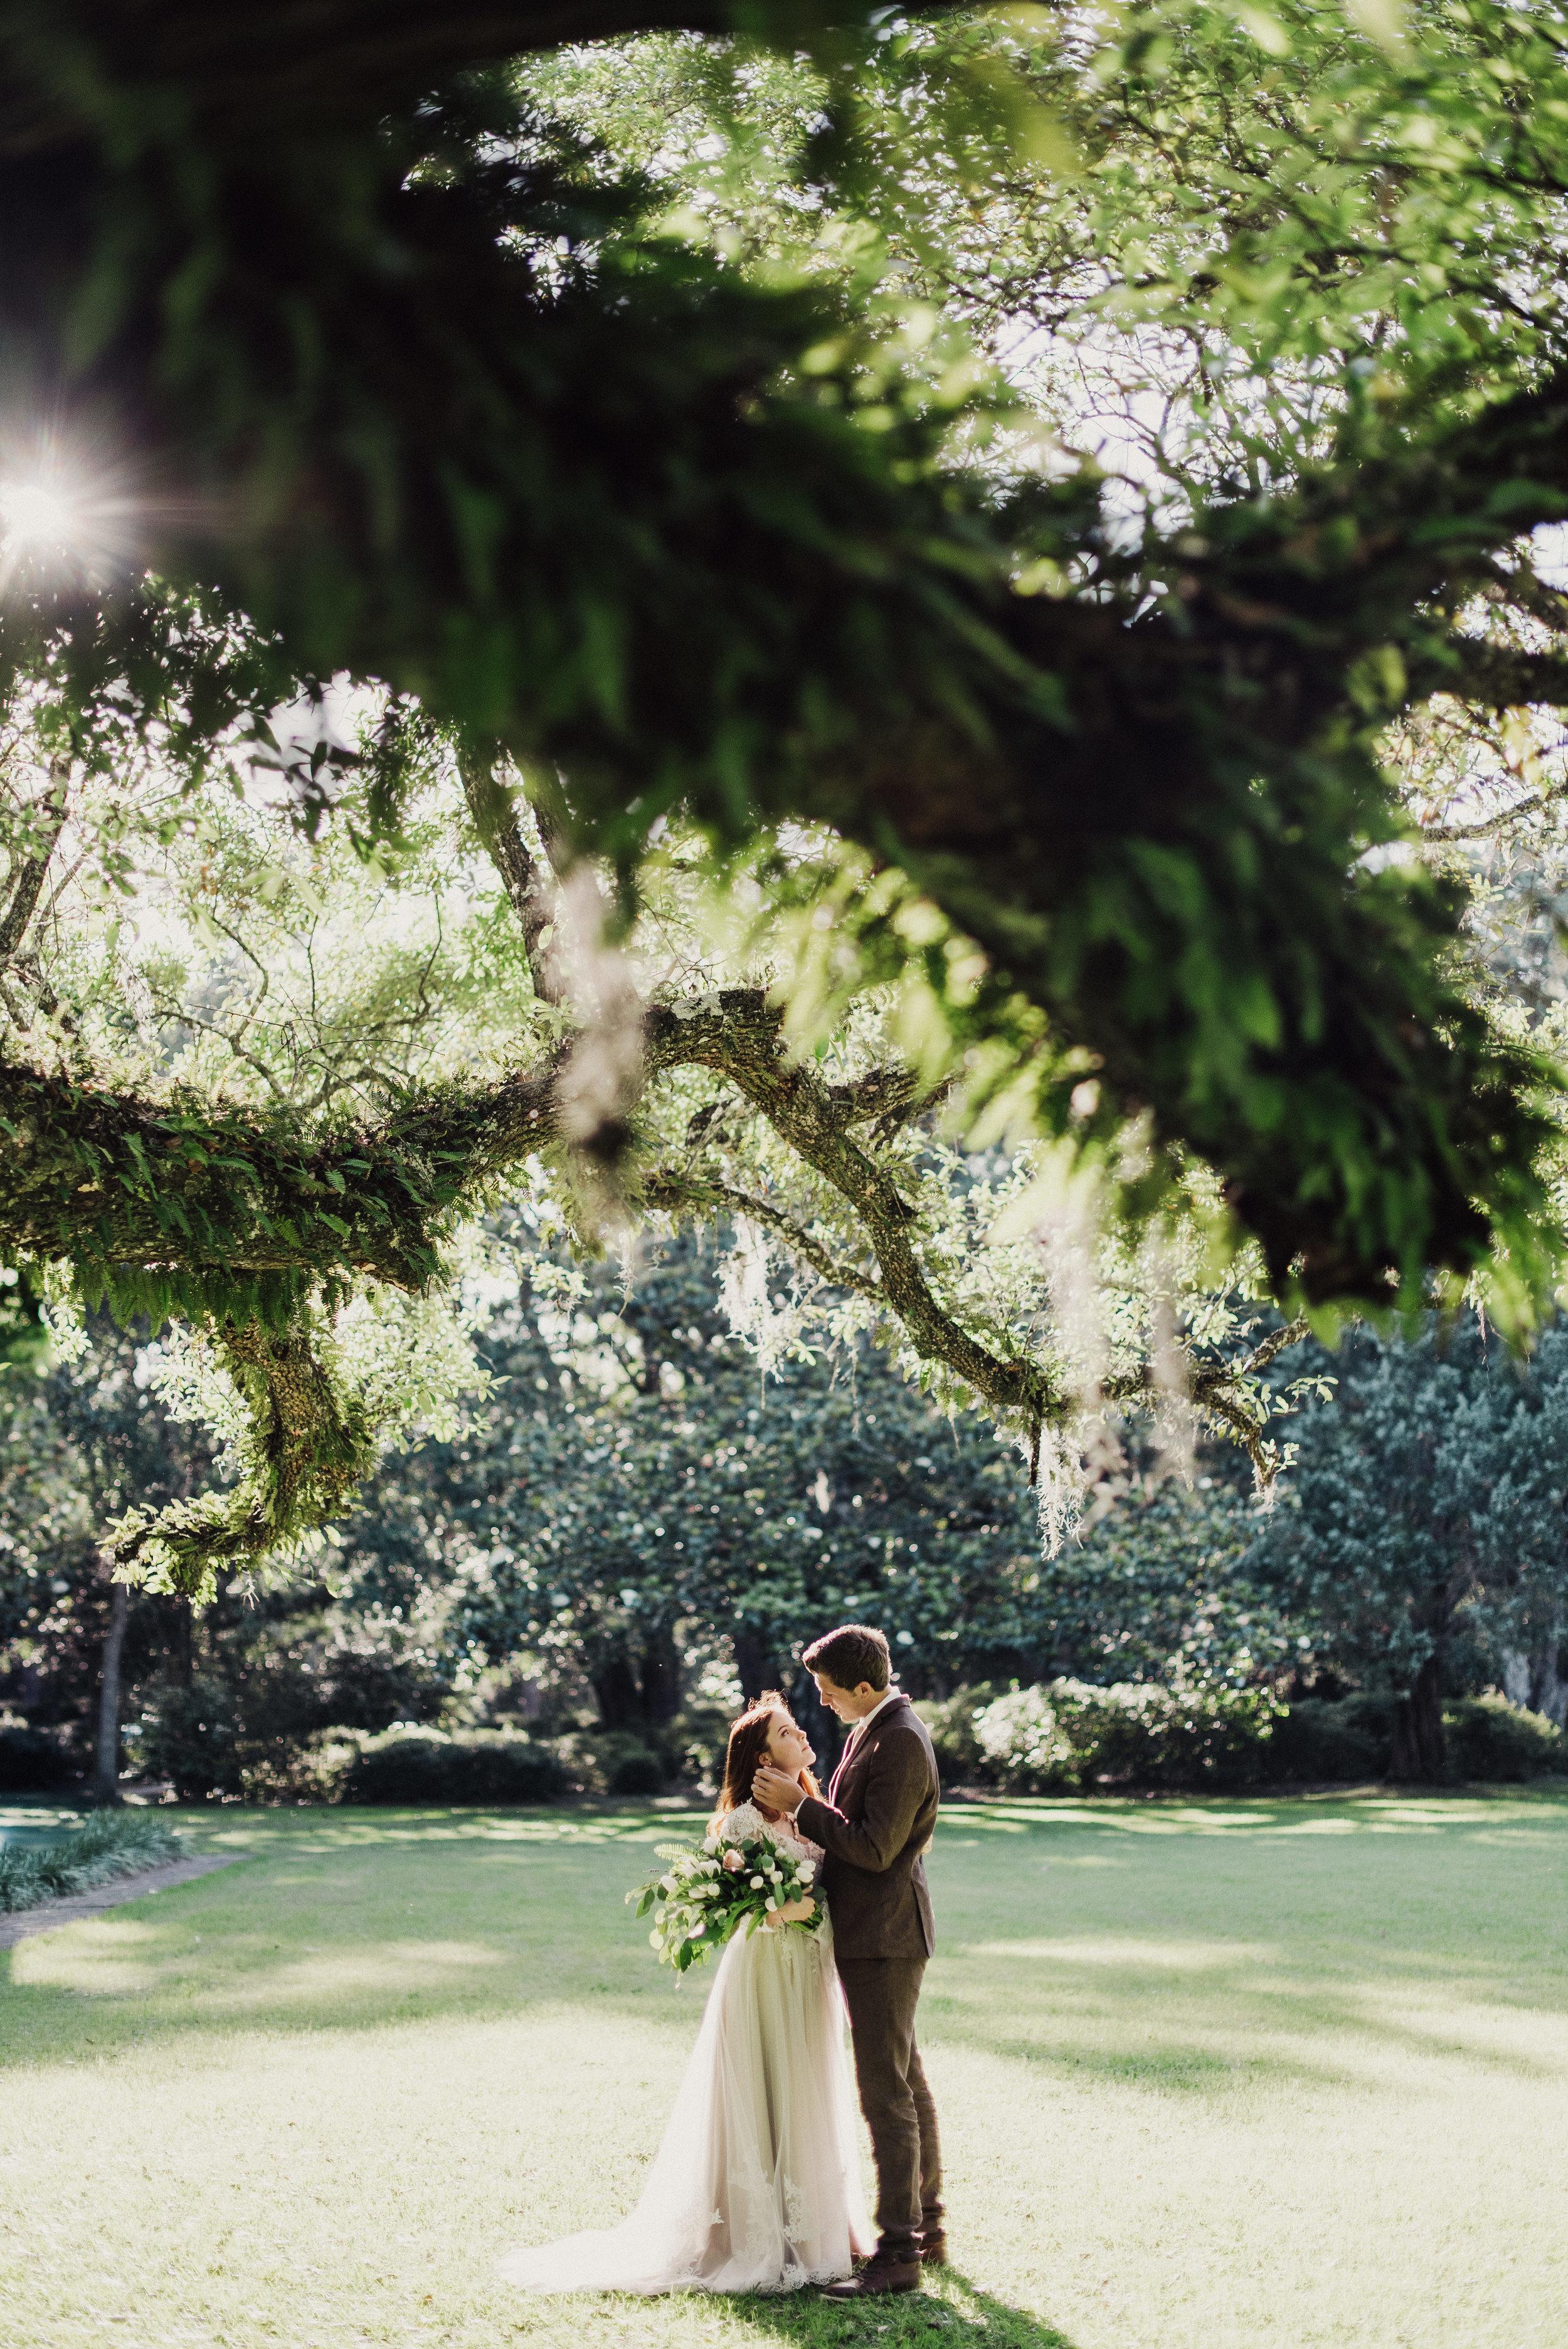 Florida Eden State Park Wedding